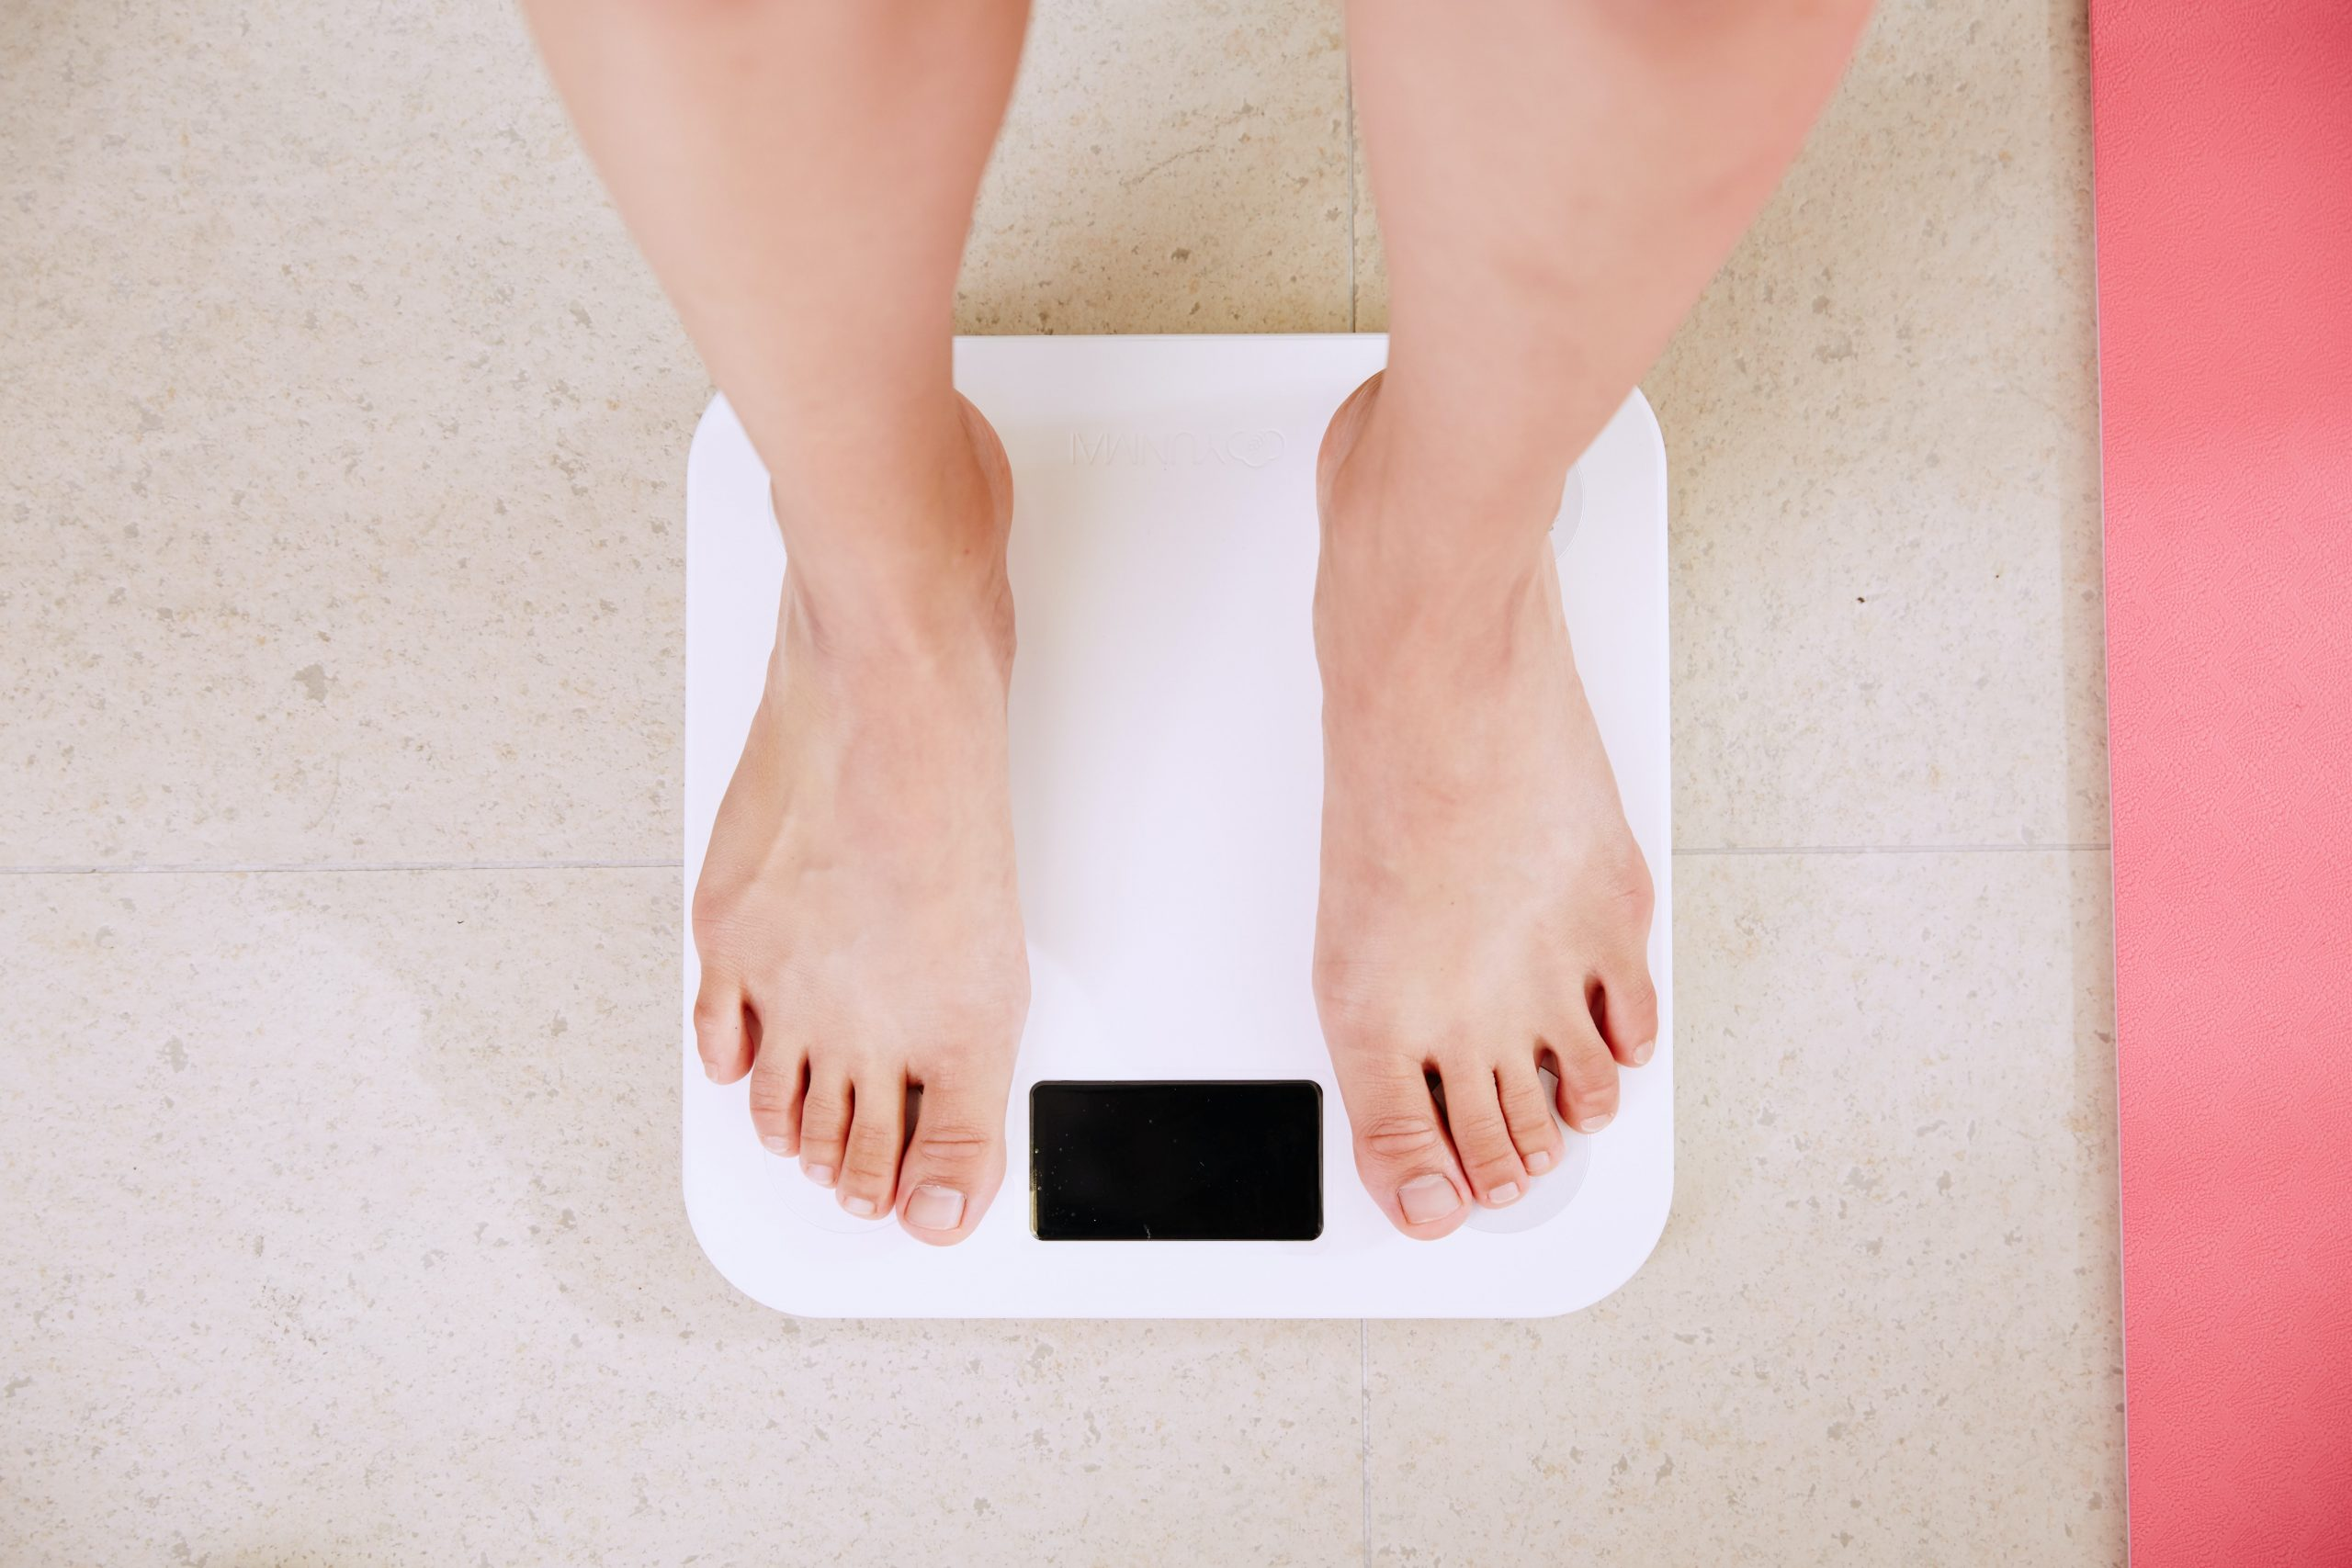 Δωρεάν Ηλεκτρονικό Αρχείο Ανάλυσης 📏 Σωματικού Βάρους ⚖️  σε EXCEL